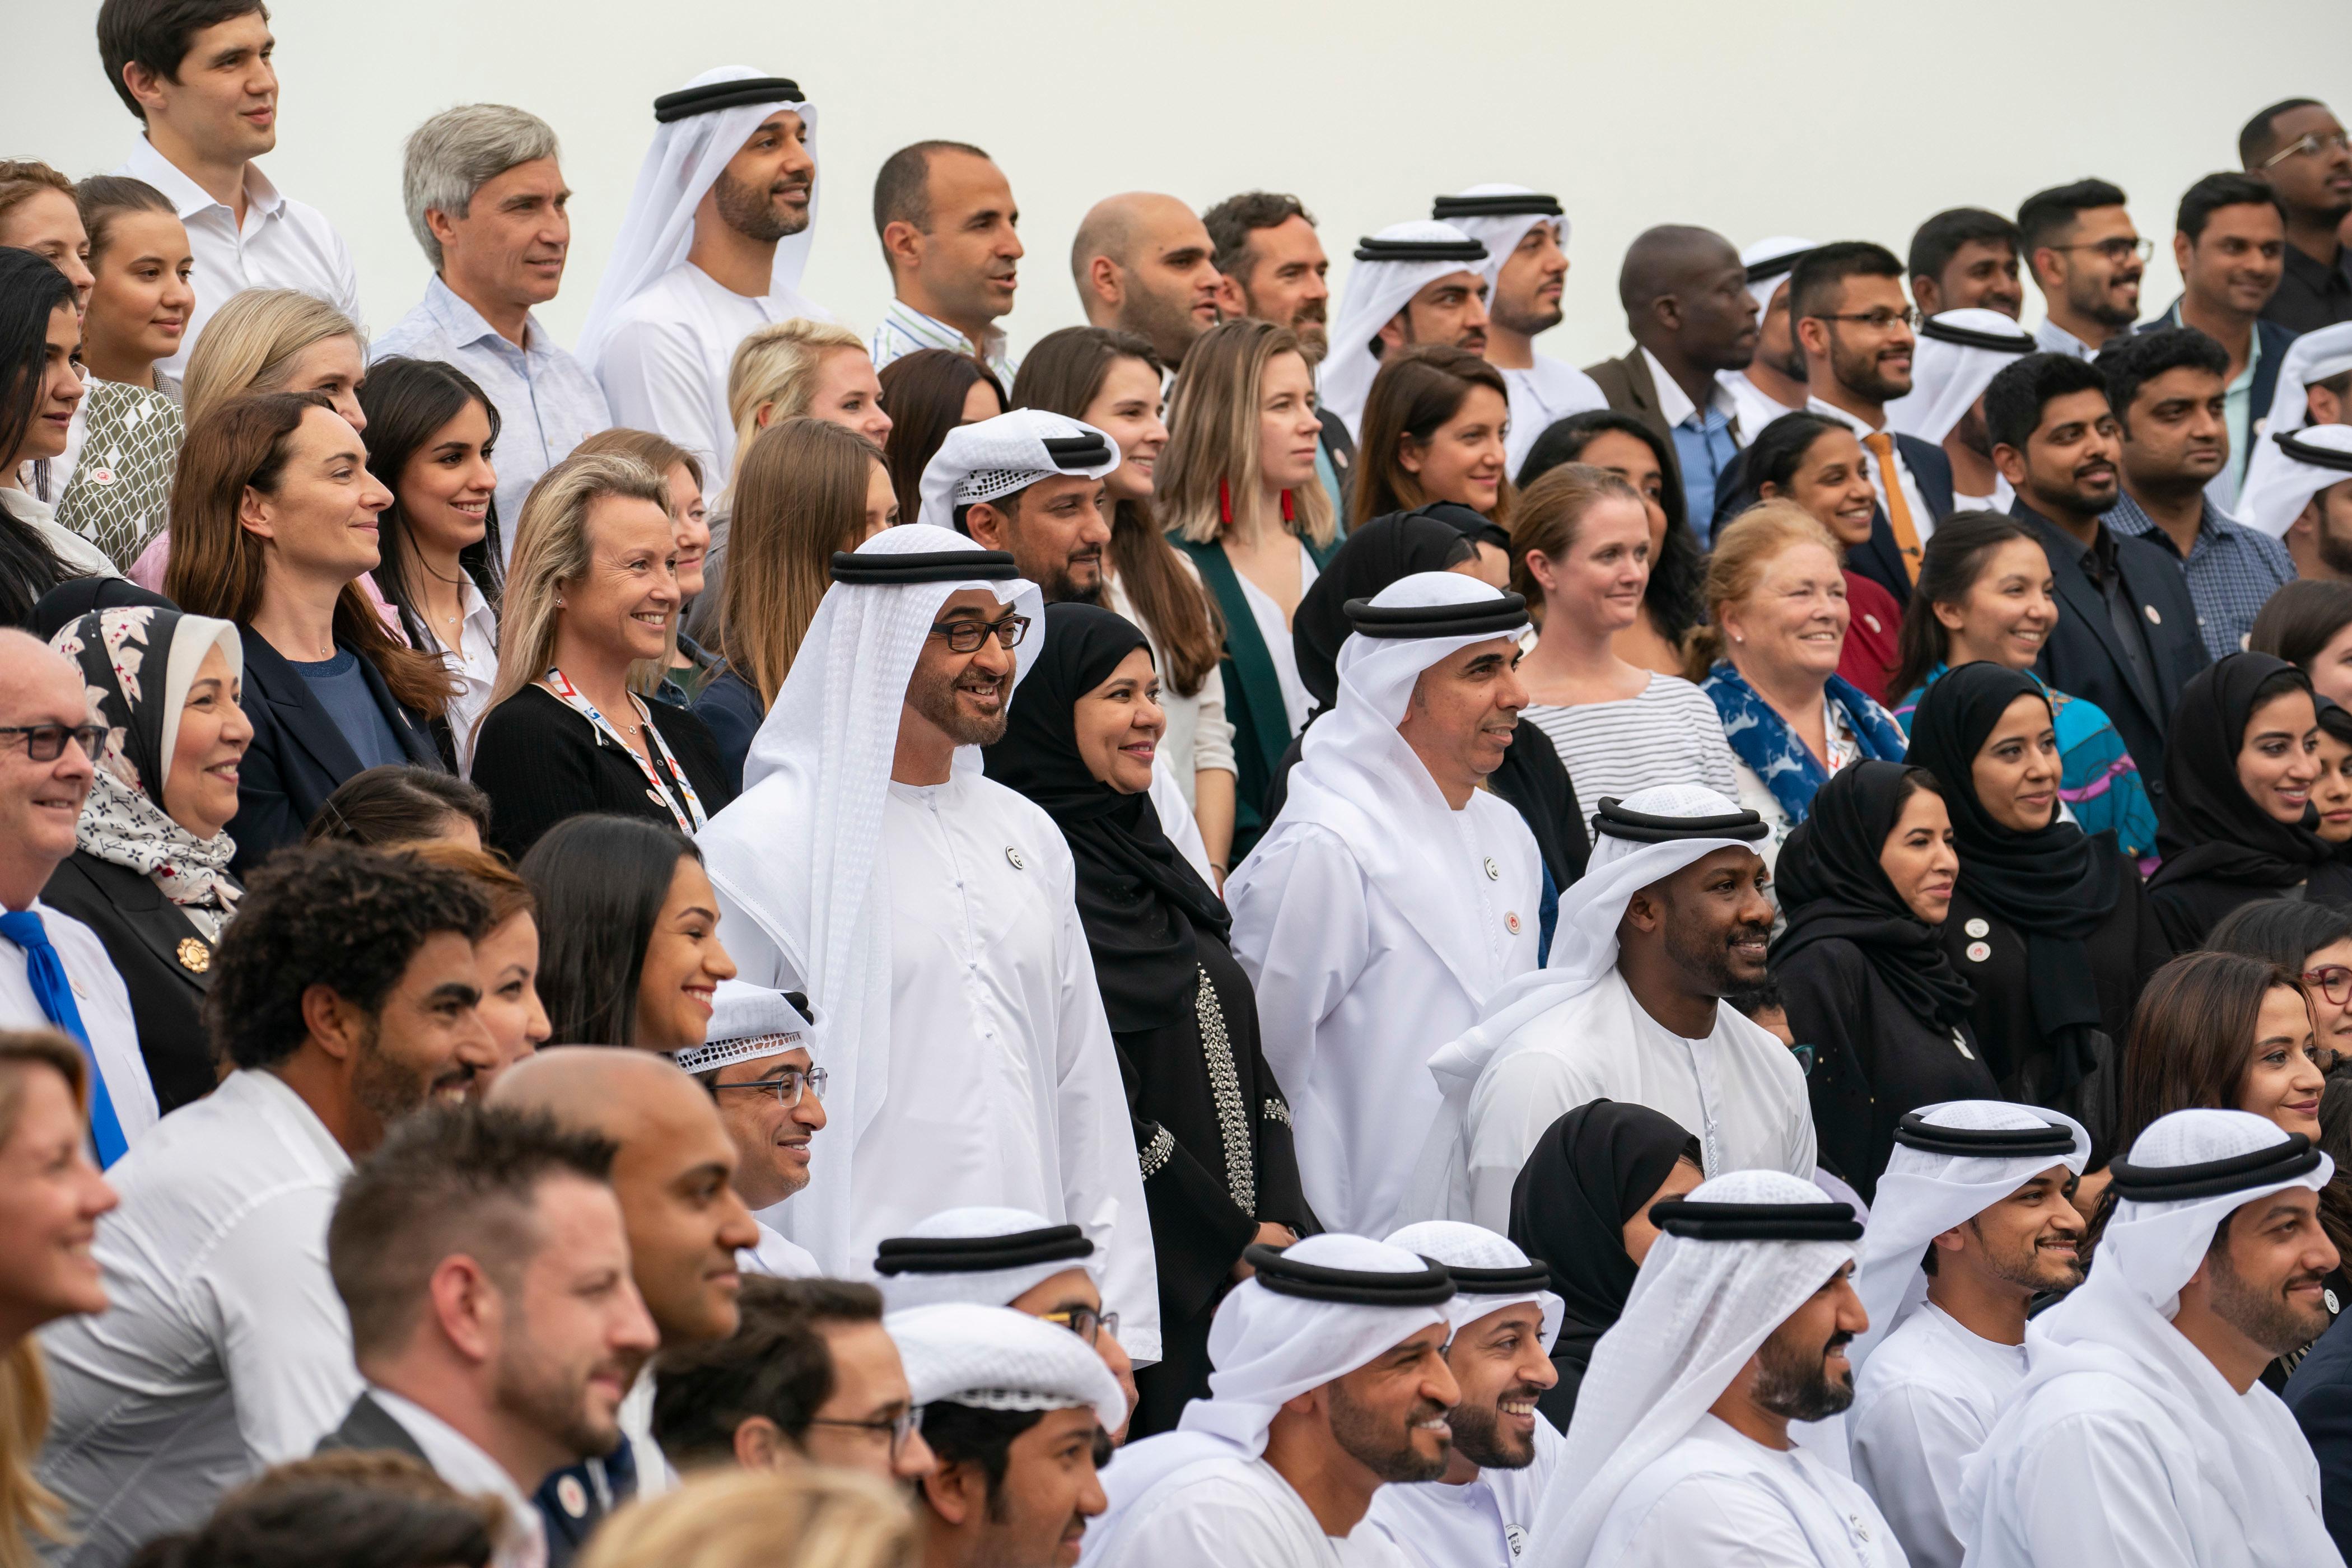 """اﻷولمبياد الخاص للألعاب العالمية """"أبوظبي 2019""""    هو أكثر من"""